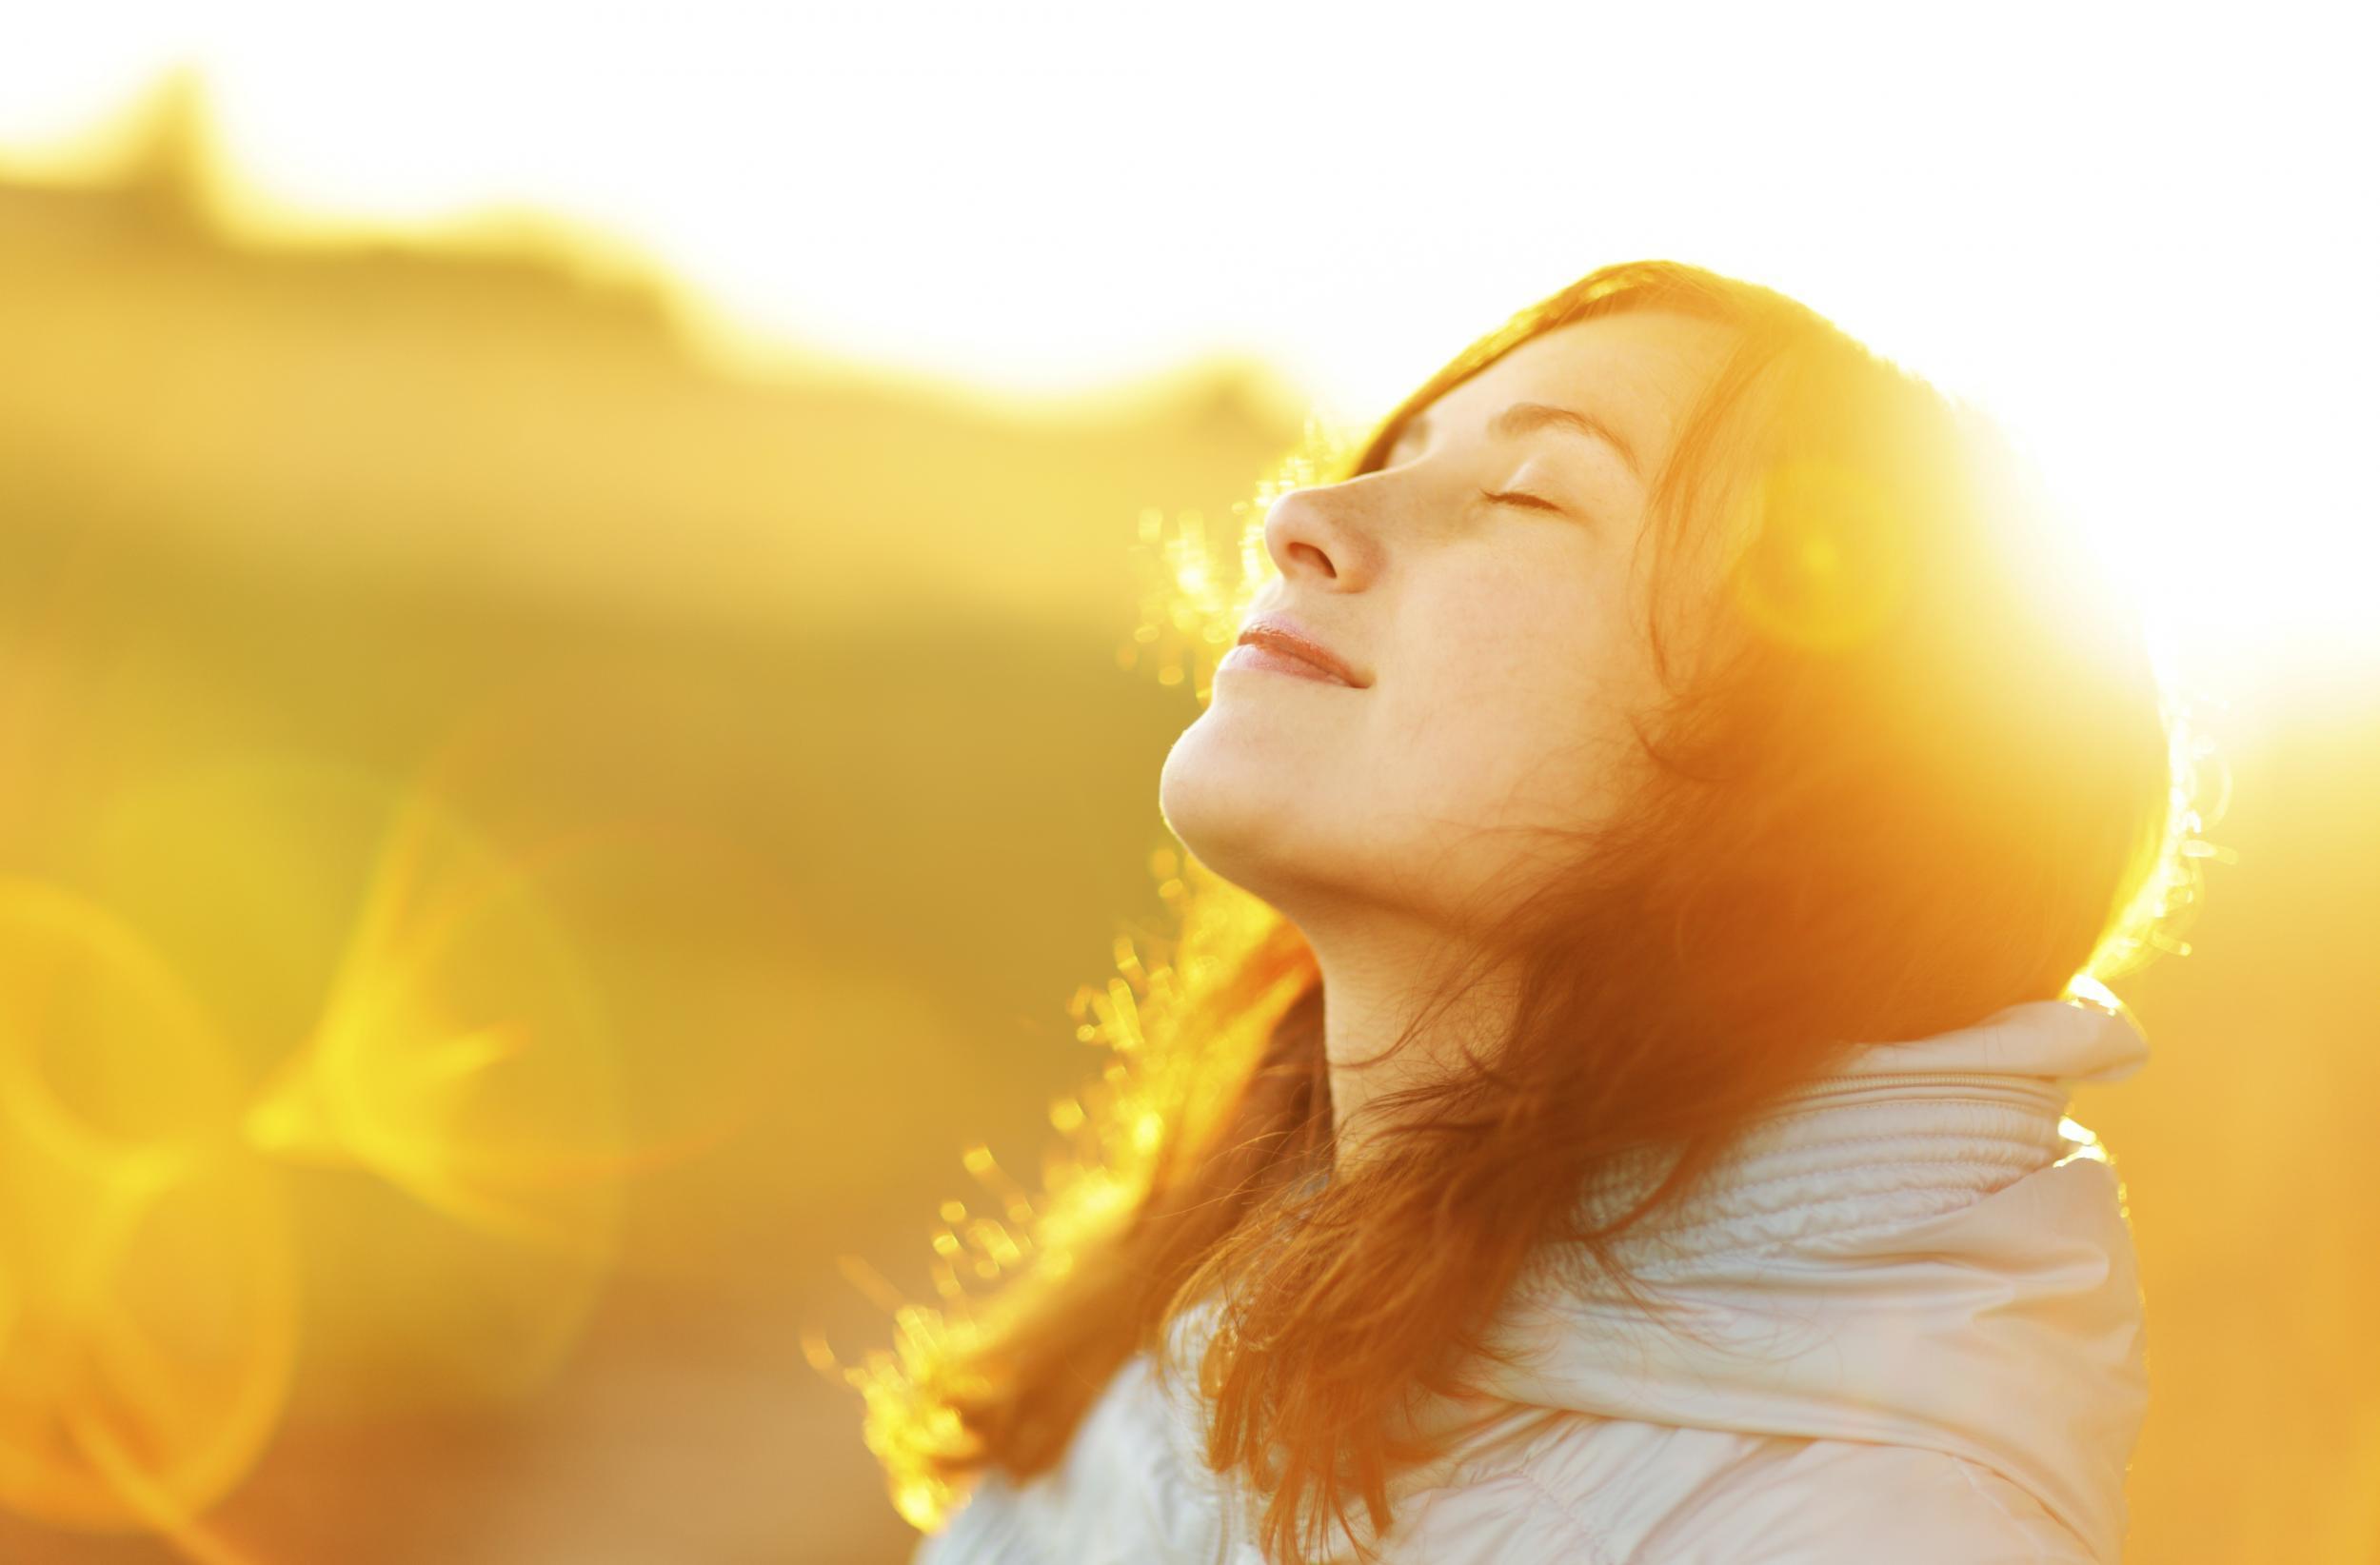 Phơi nắng vào sáng sớm tốt cho da